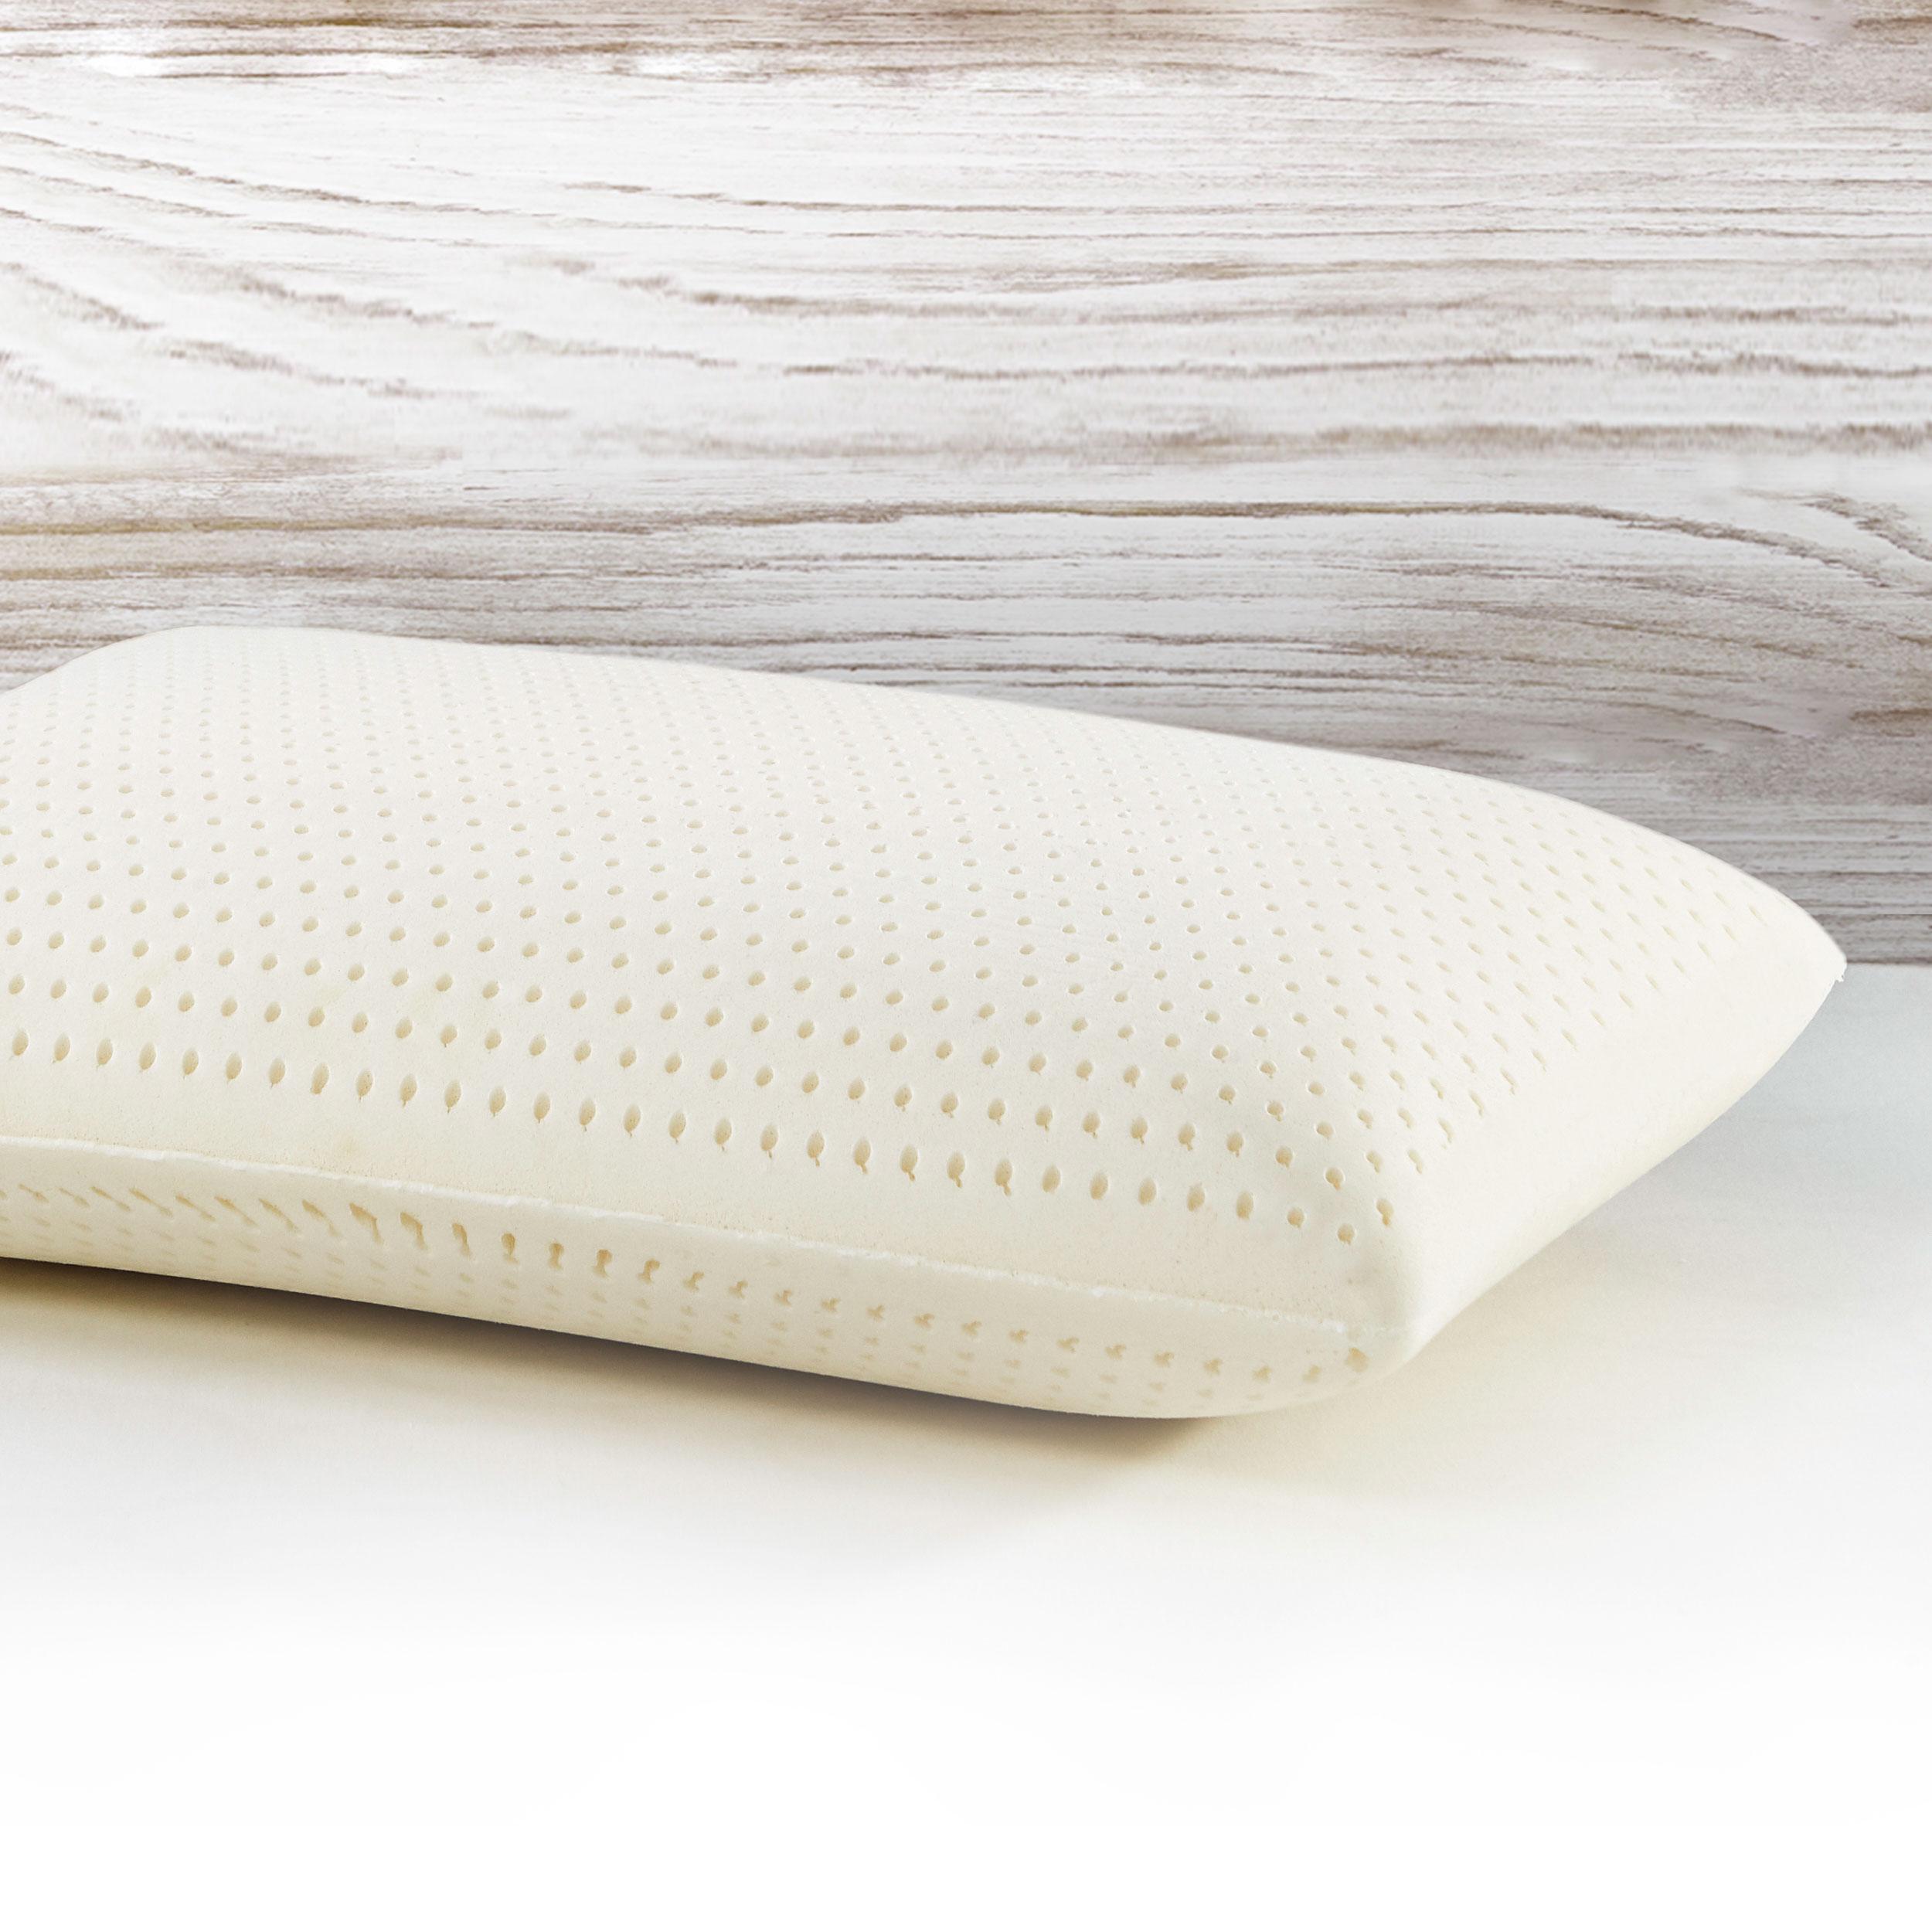 I Am Resilient Latex Foam Pillow Standard Queen Great Sleep